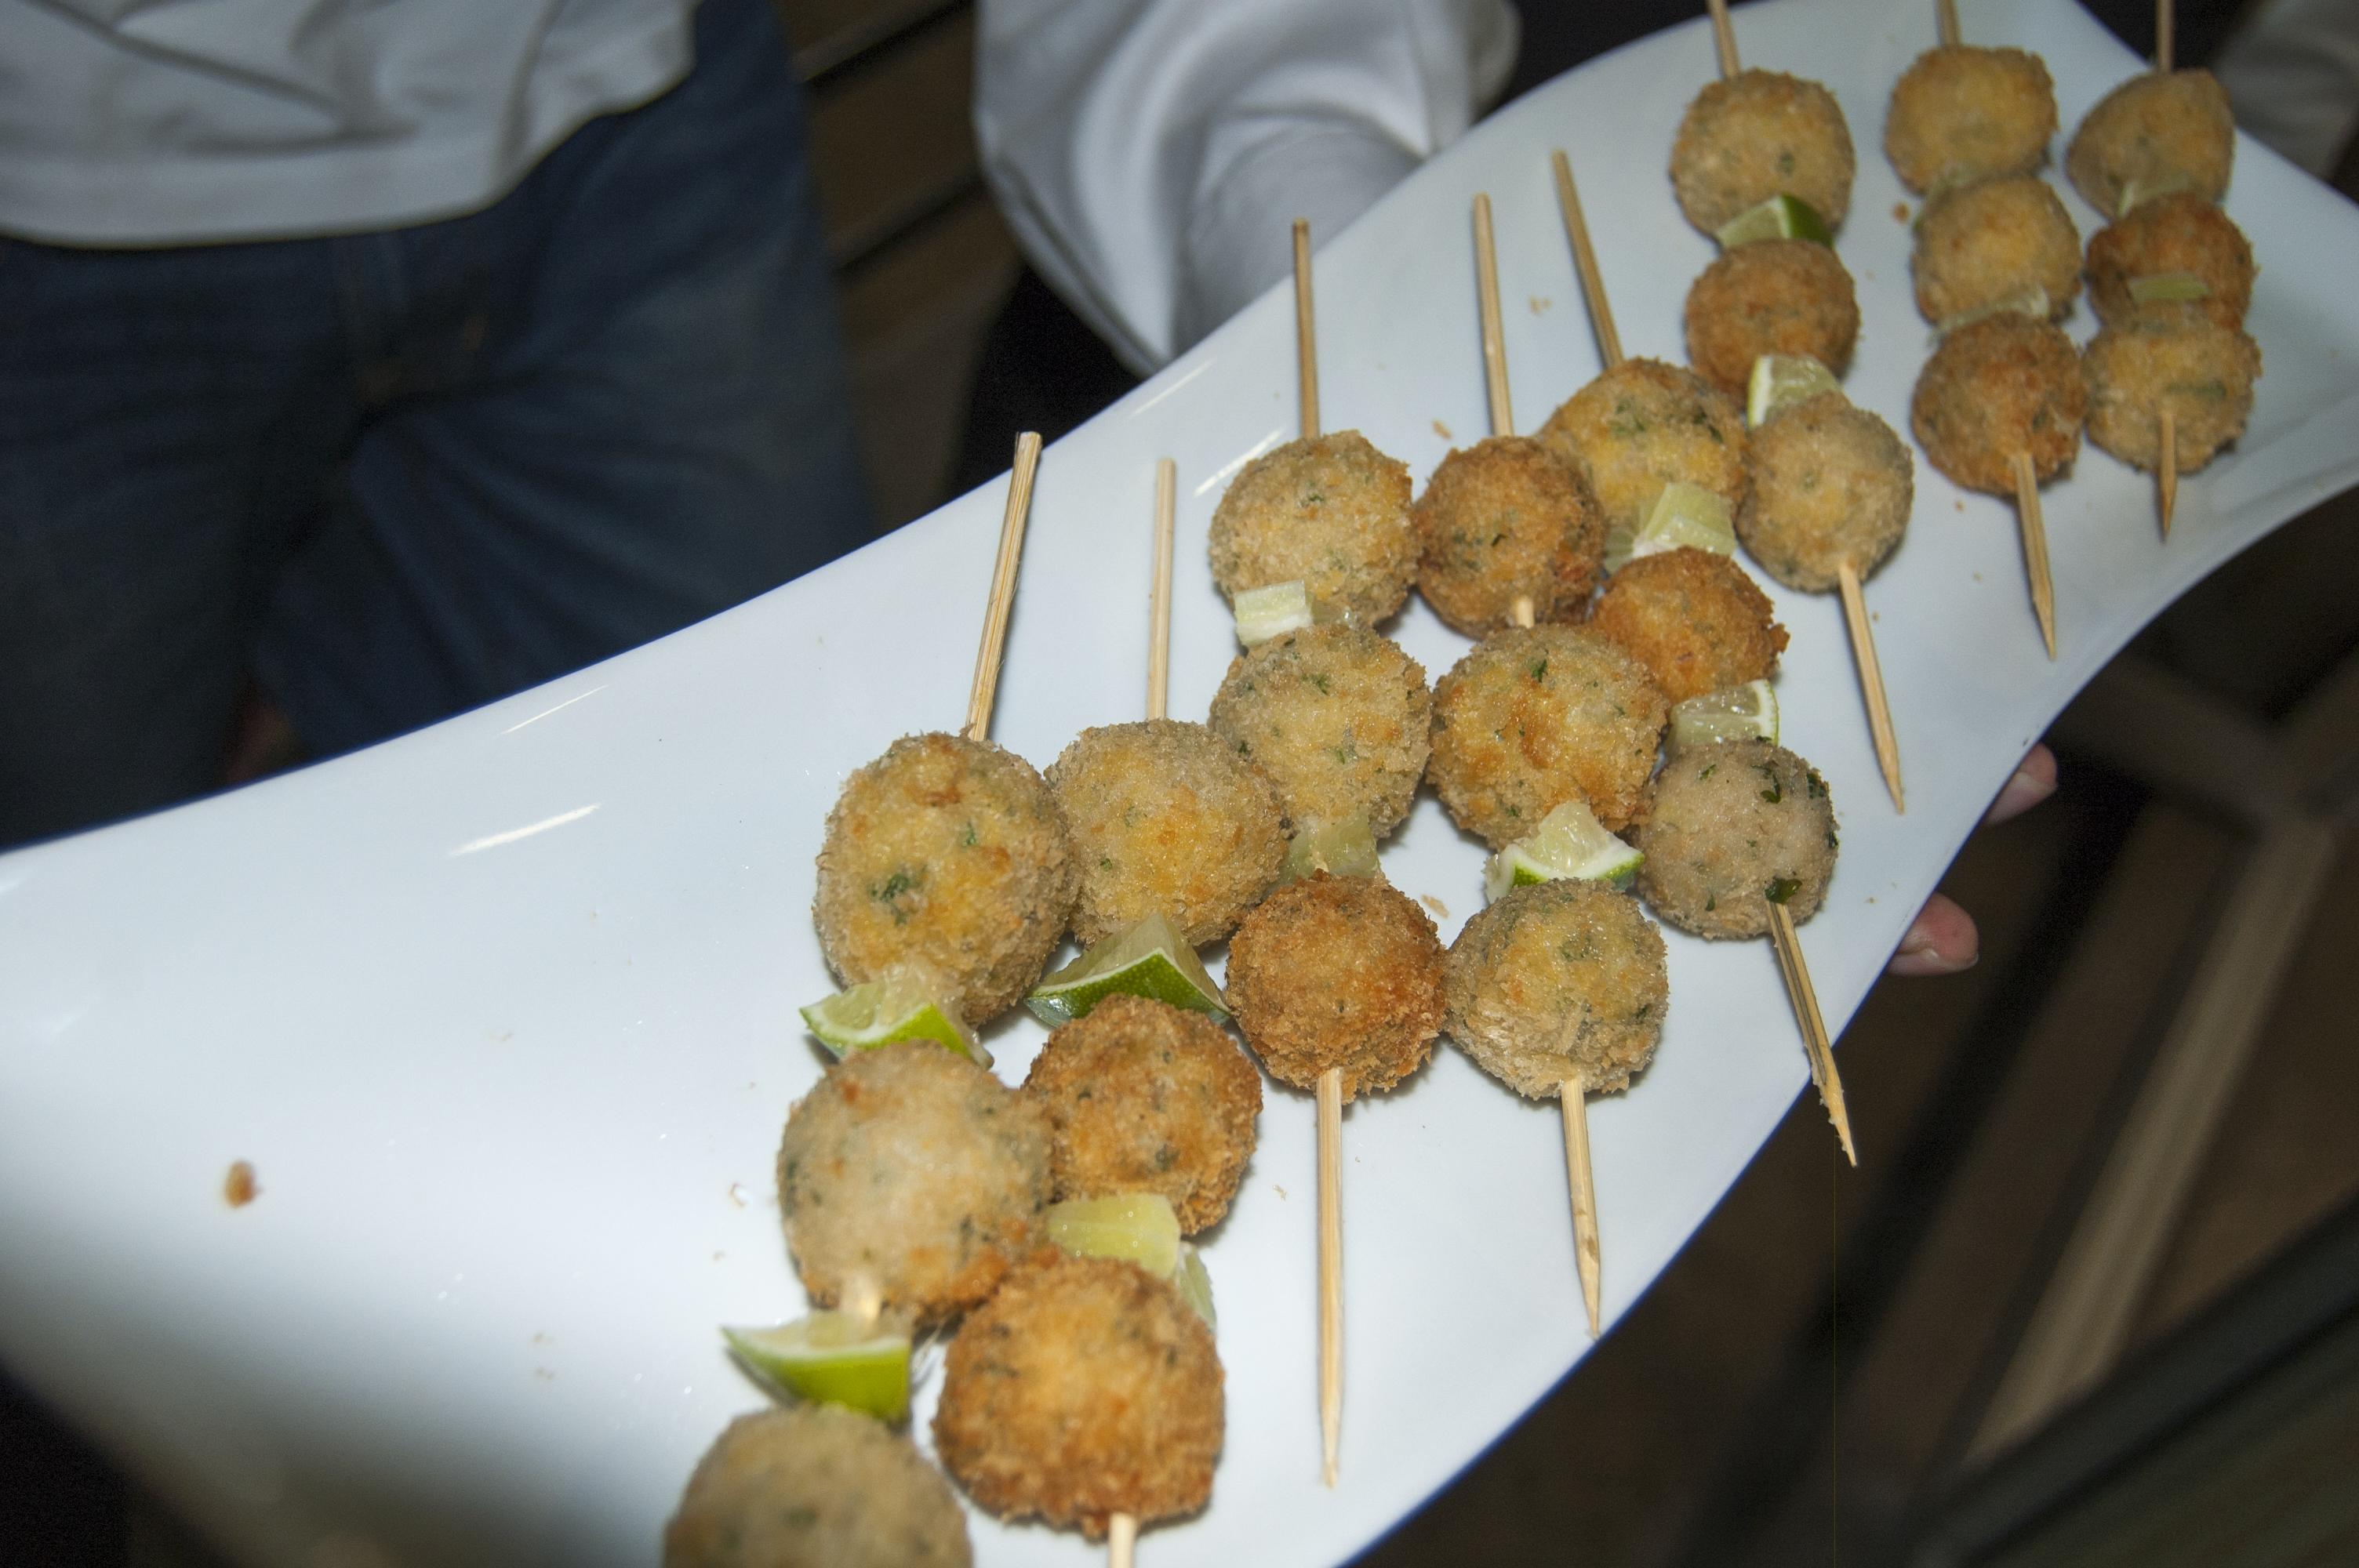 Fish meatballs on skewers